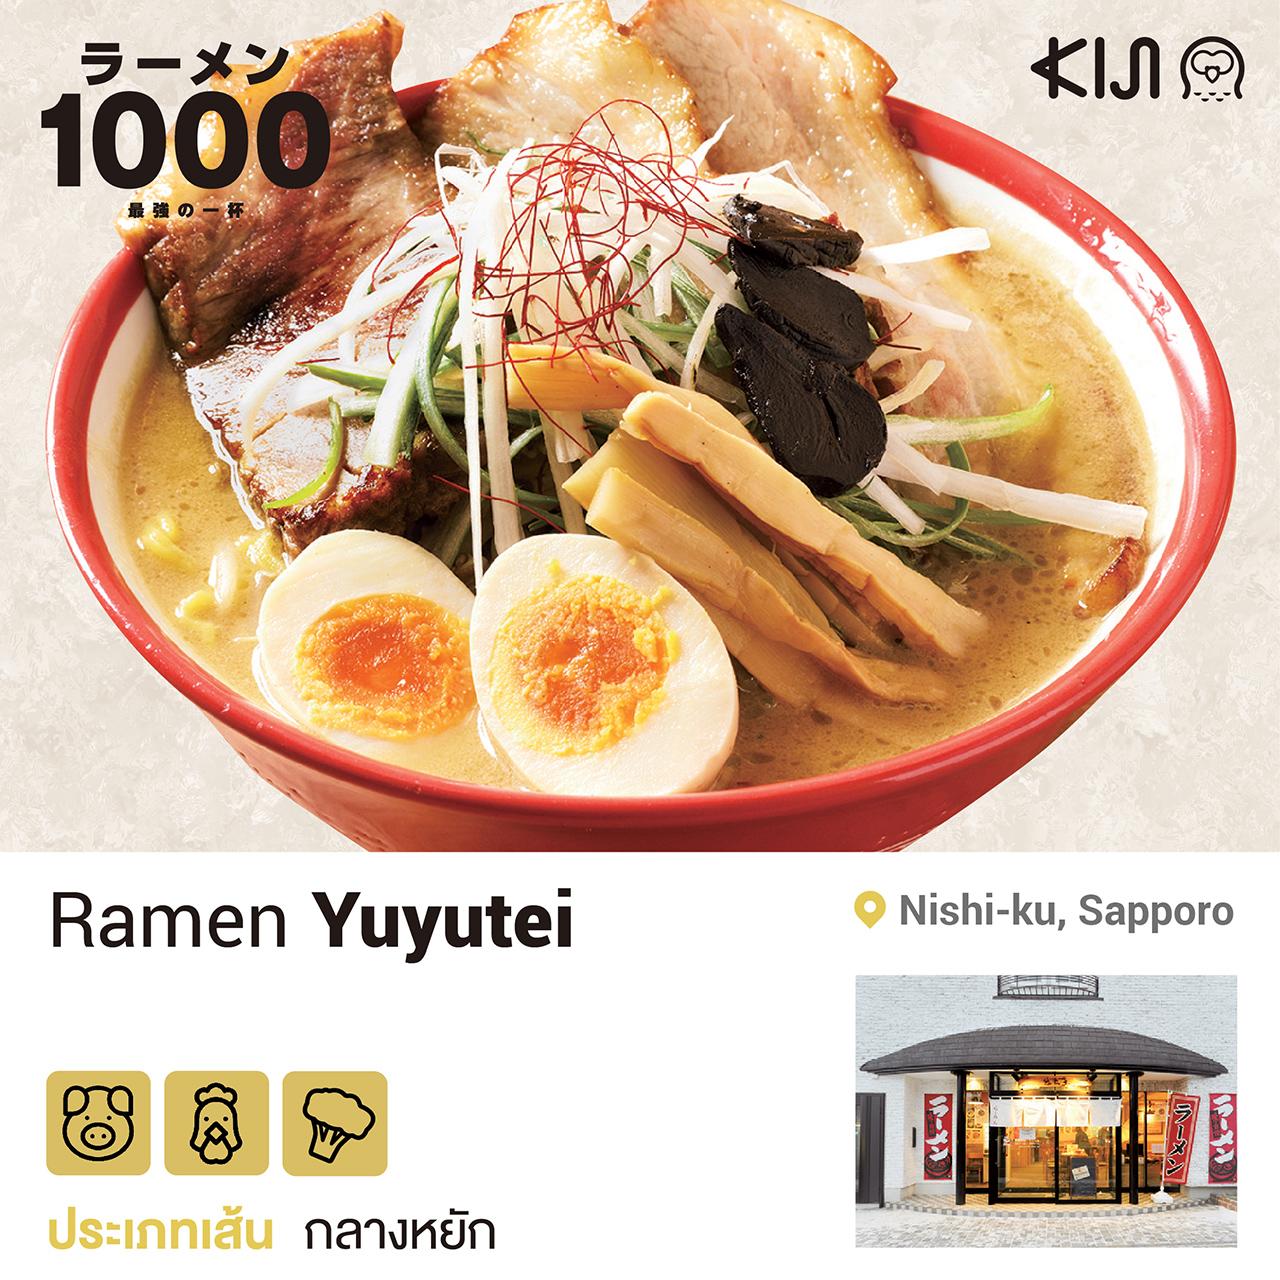 ร้านราเมน เขตนิชิ เมืองซัปโปโร จ.ฮอกไกโด - Ramen Yuyutei